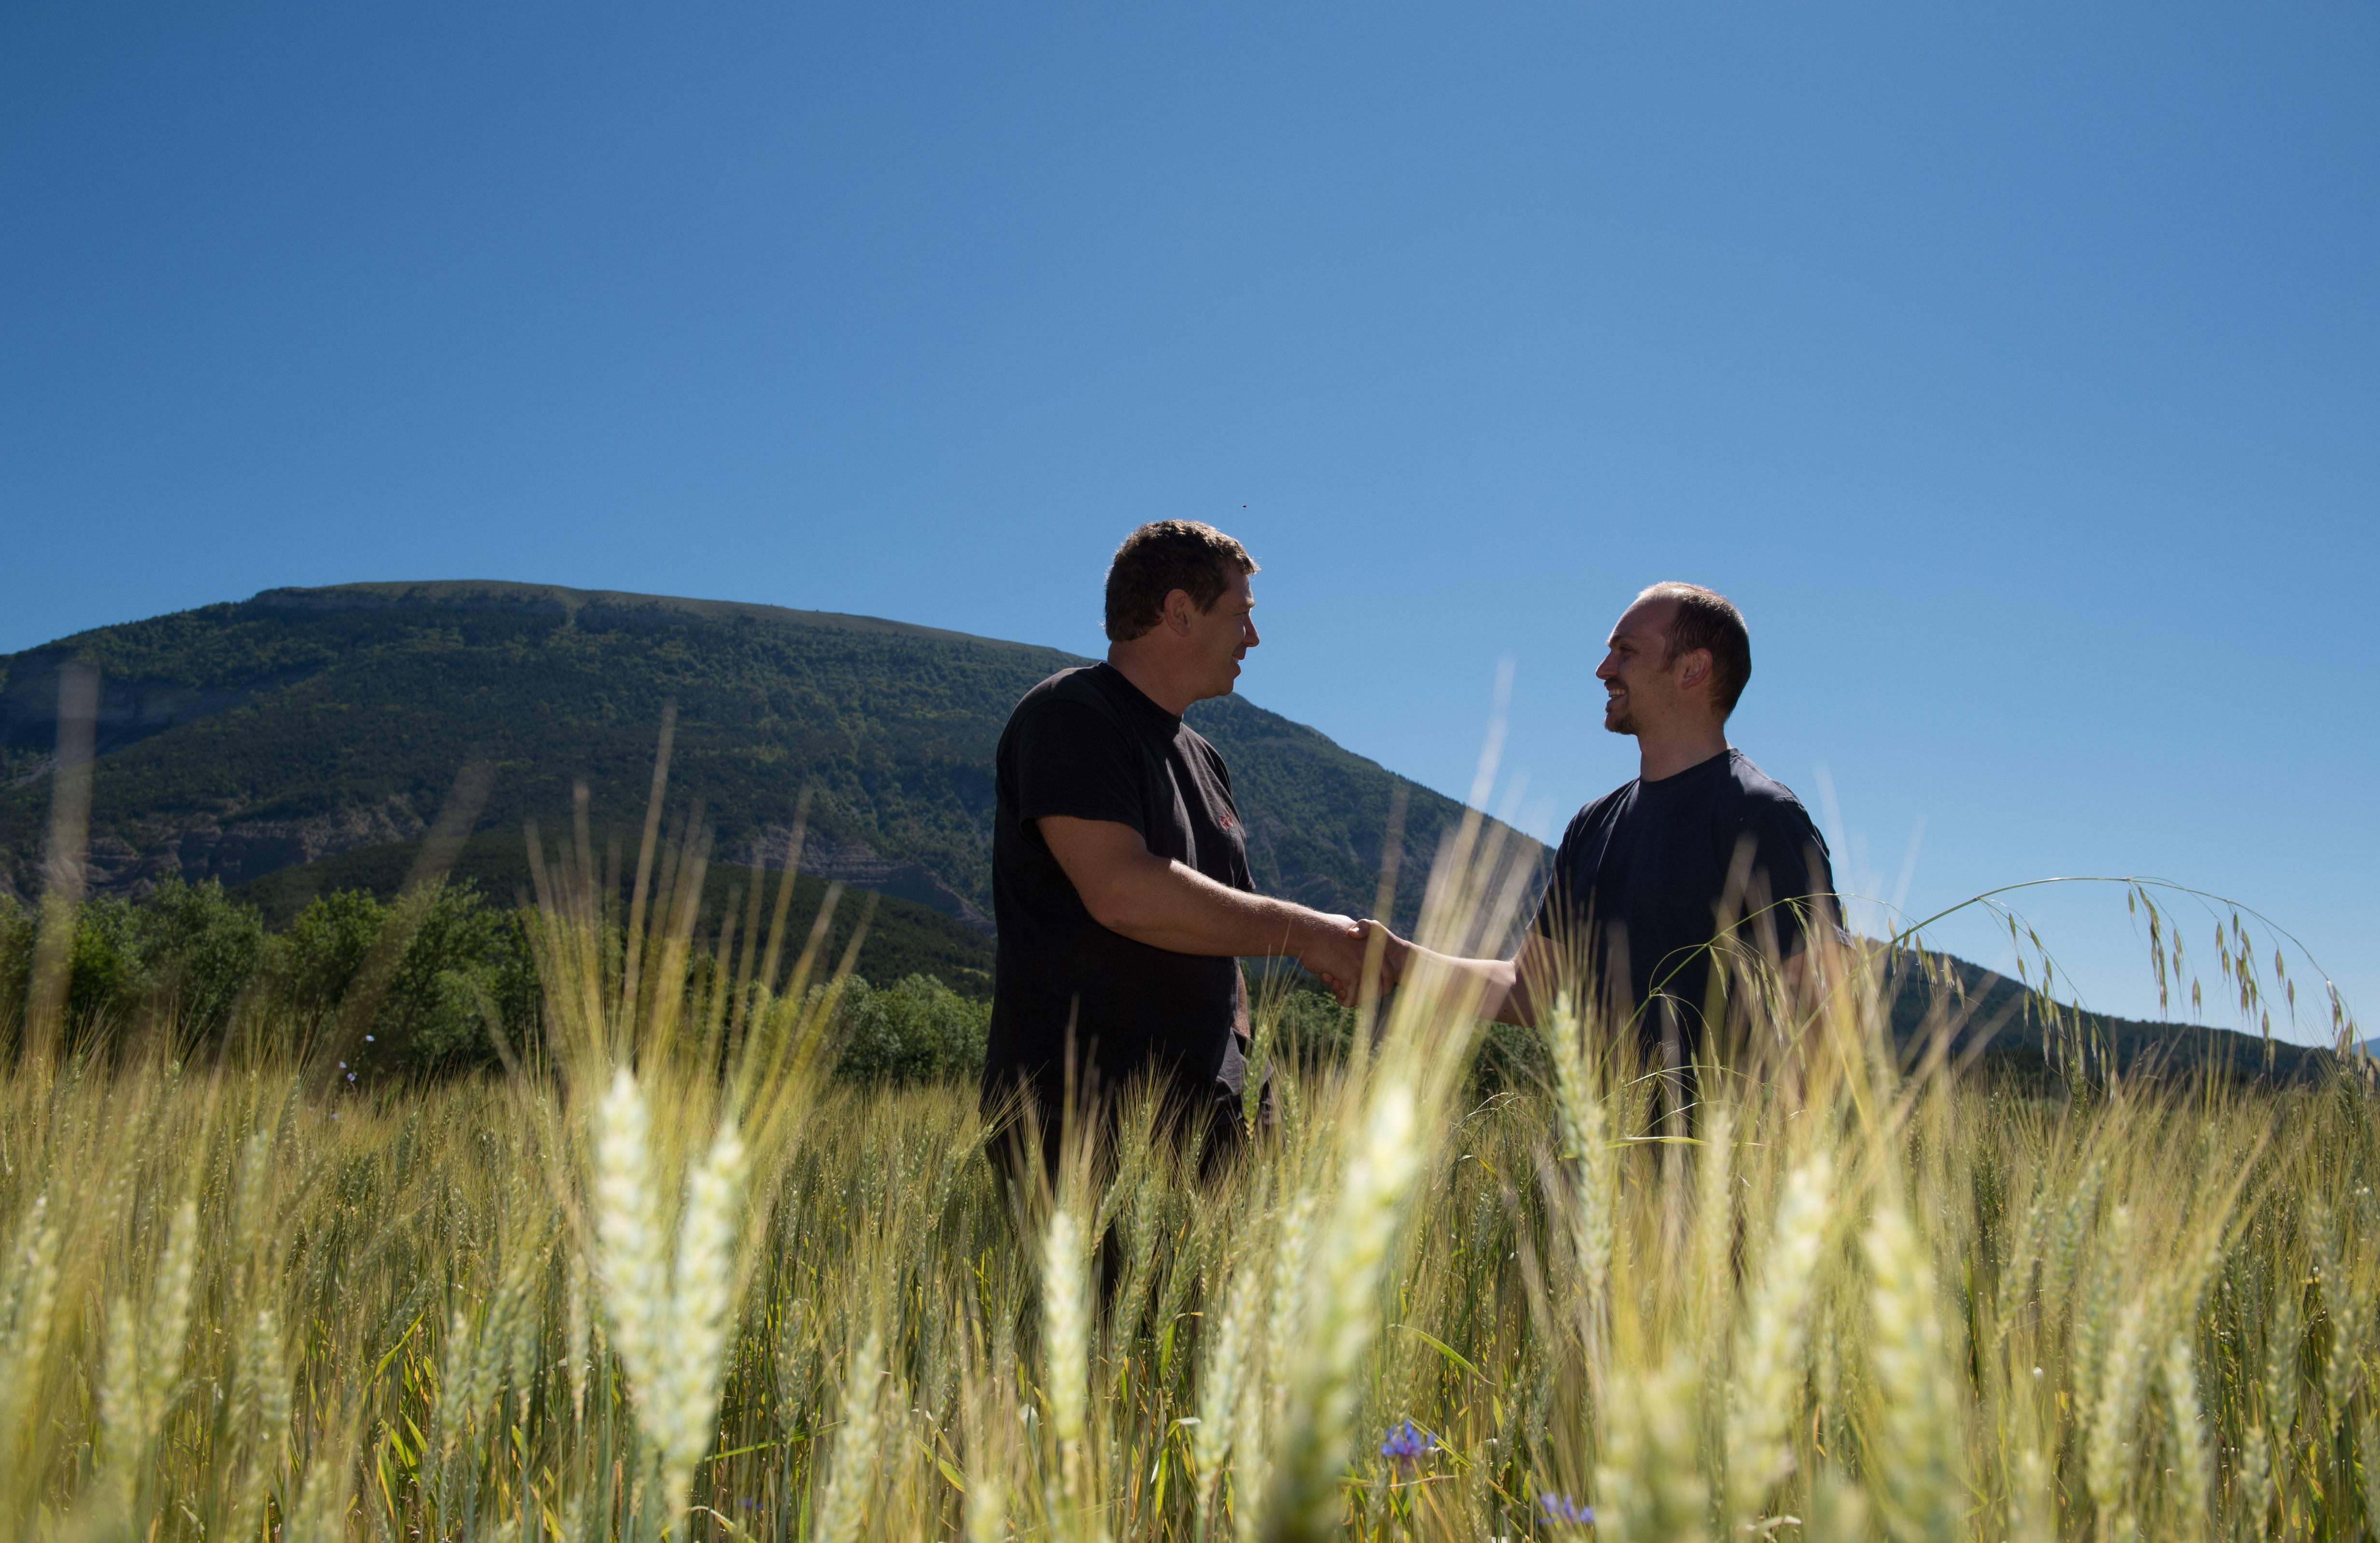 Biopartenaire deux producteurs qui se serrent la main commerce équitable agriculture bio